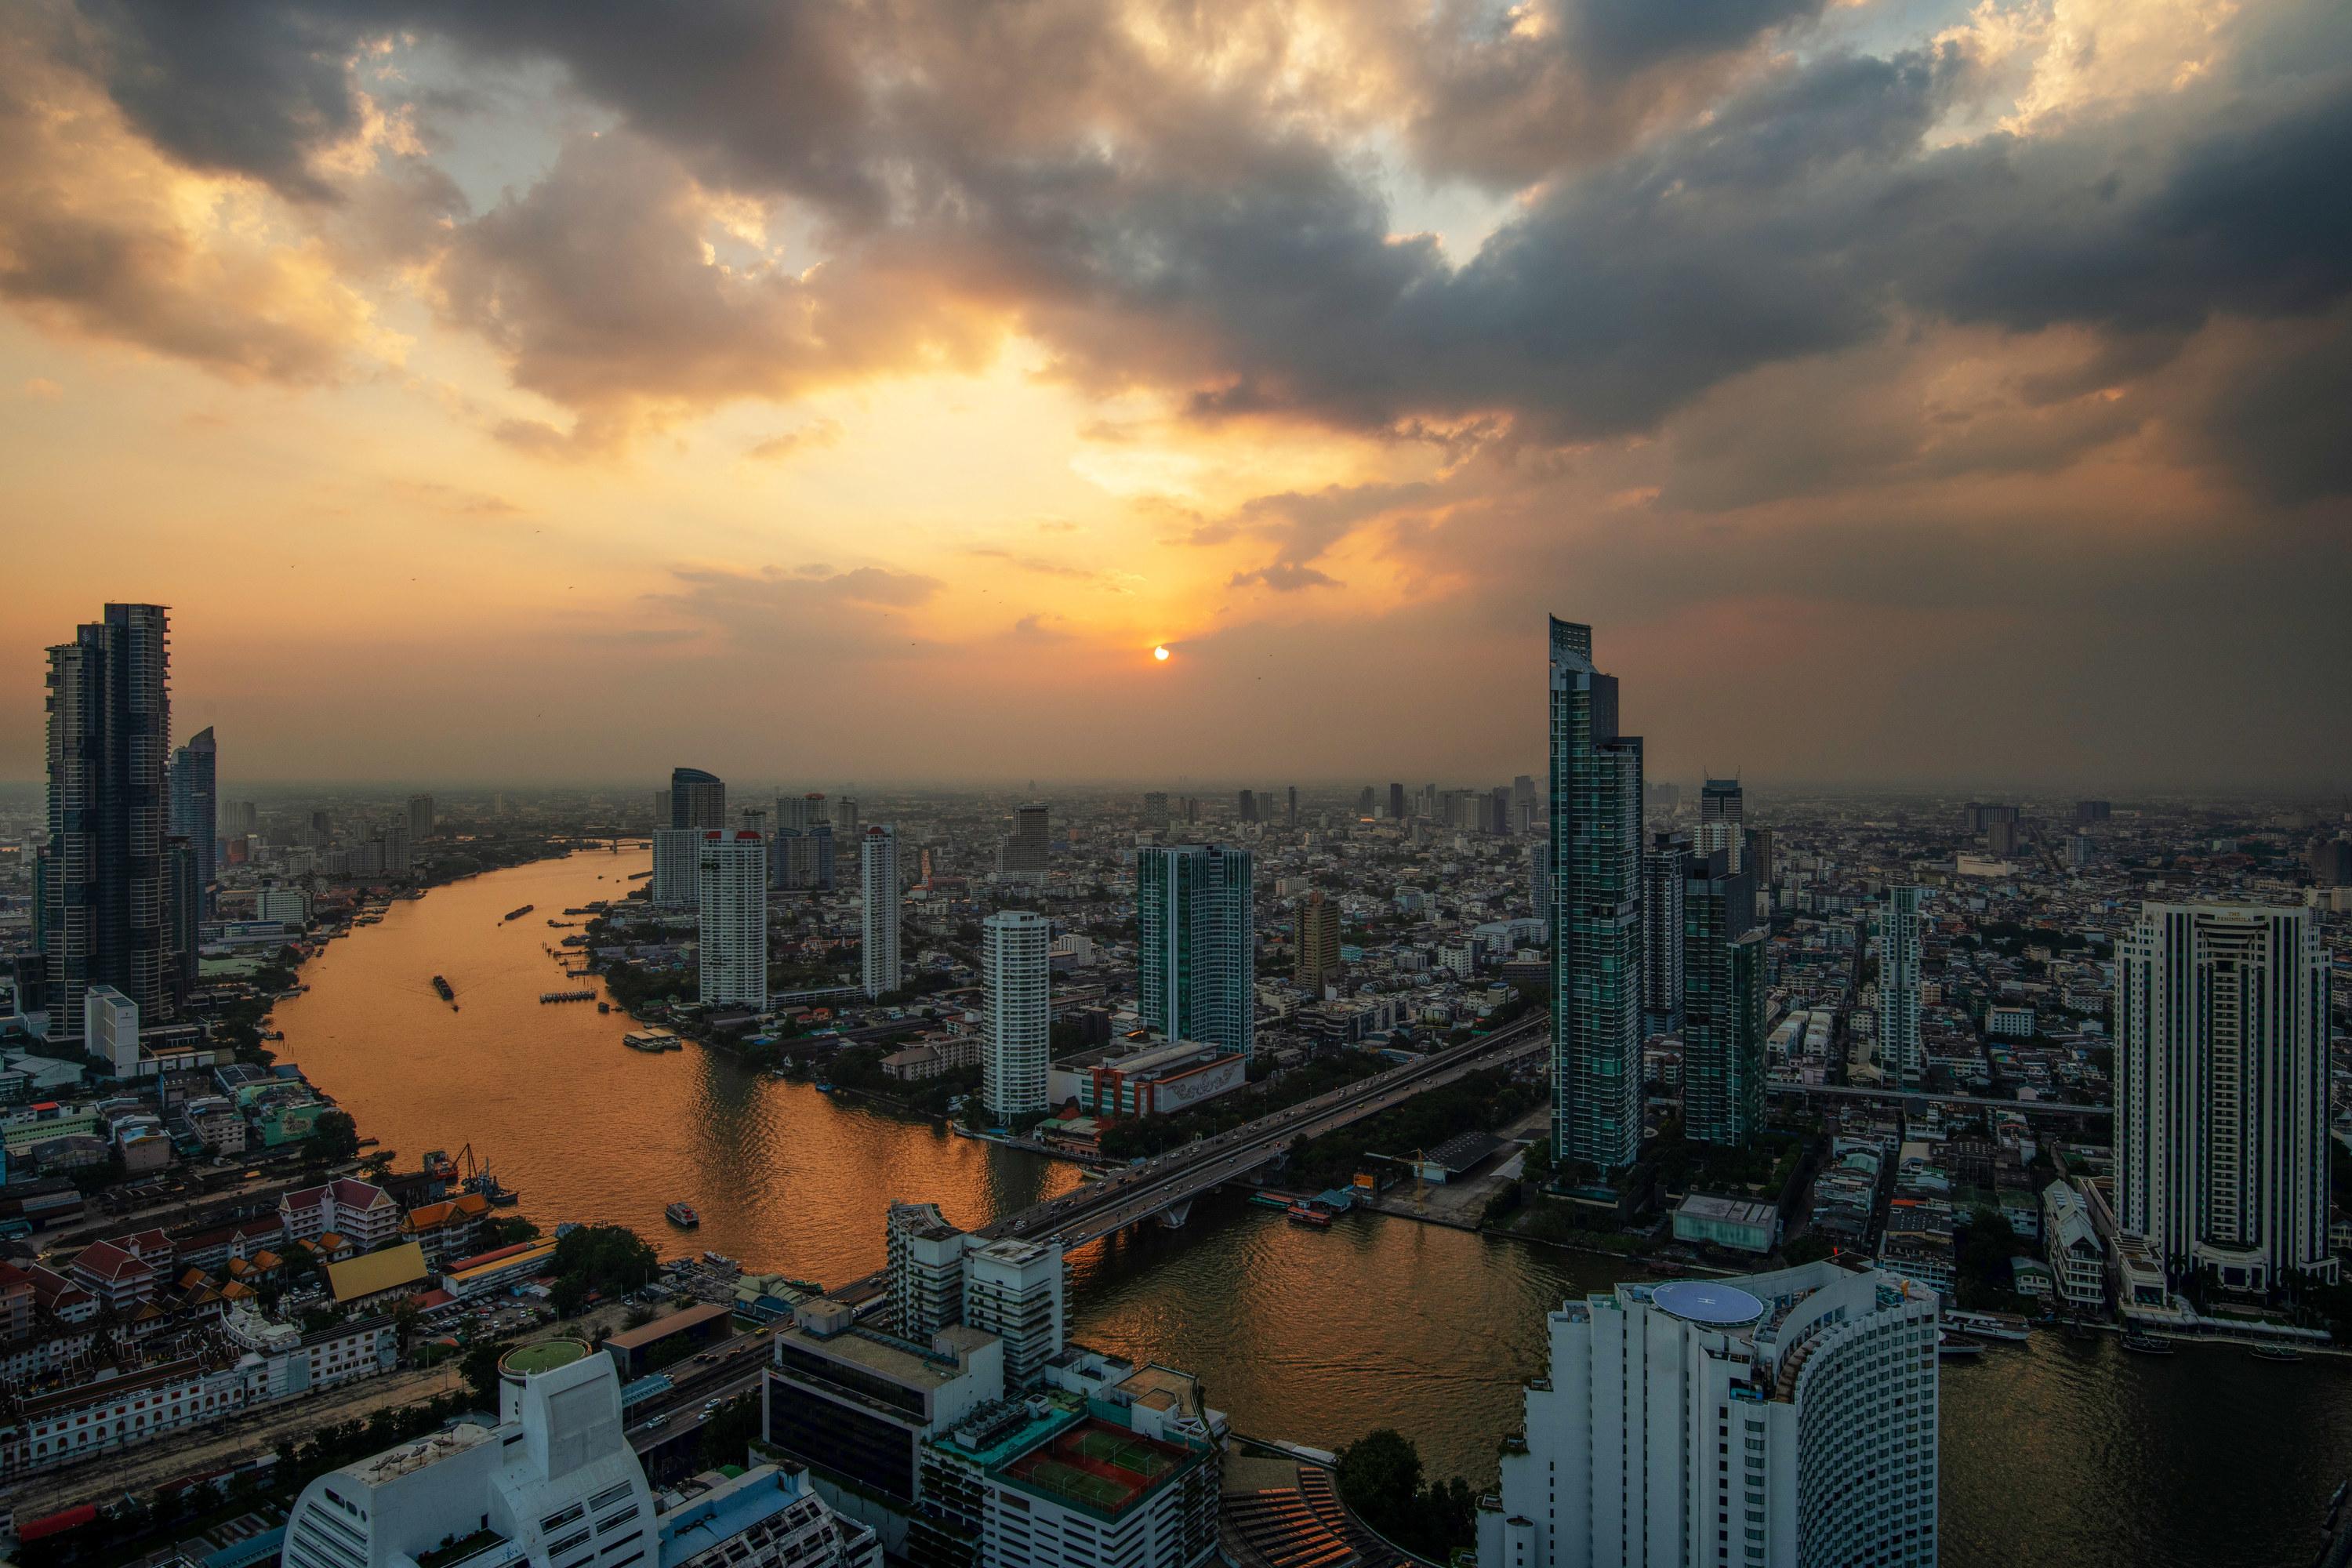 An aerial view of Bangkok